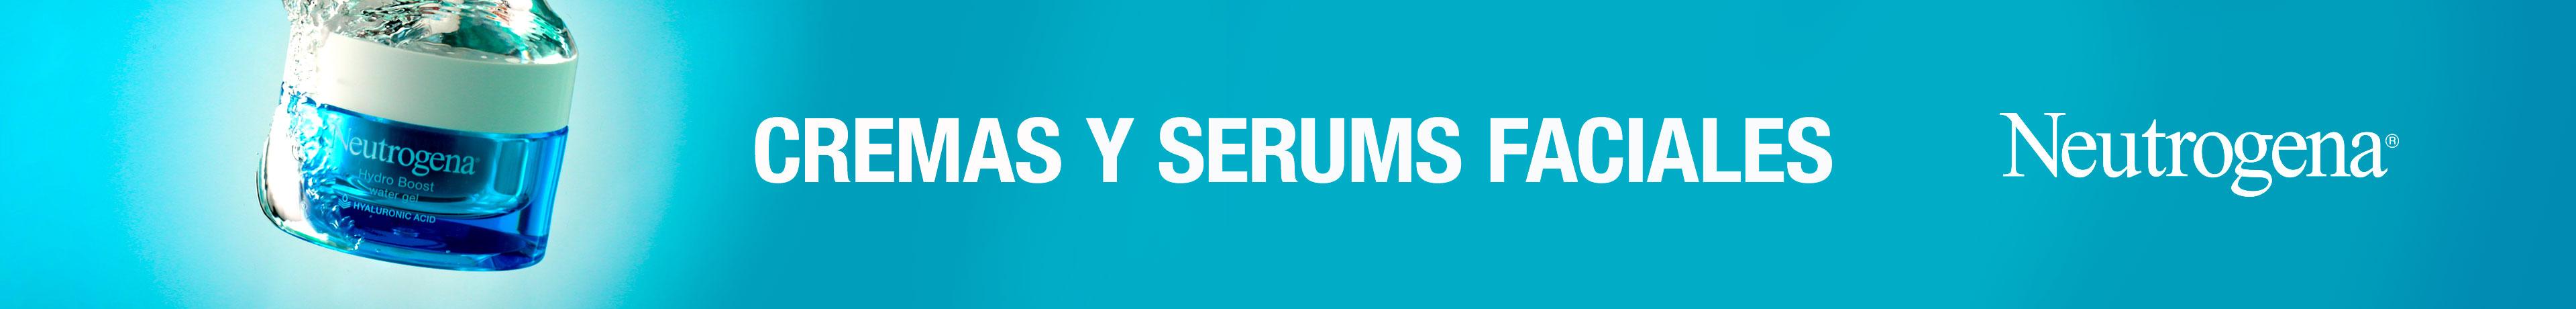 cremas-y-serums-faciales